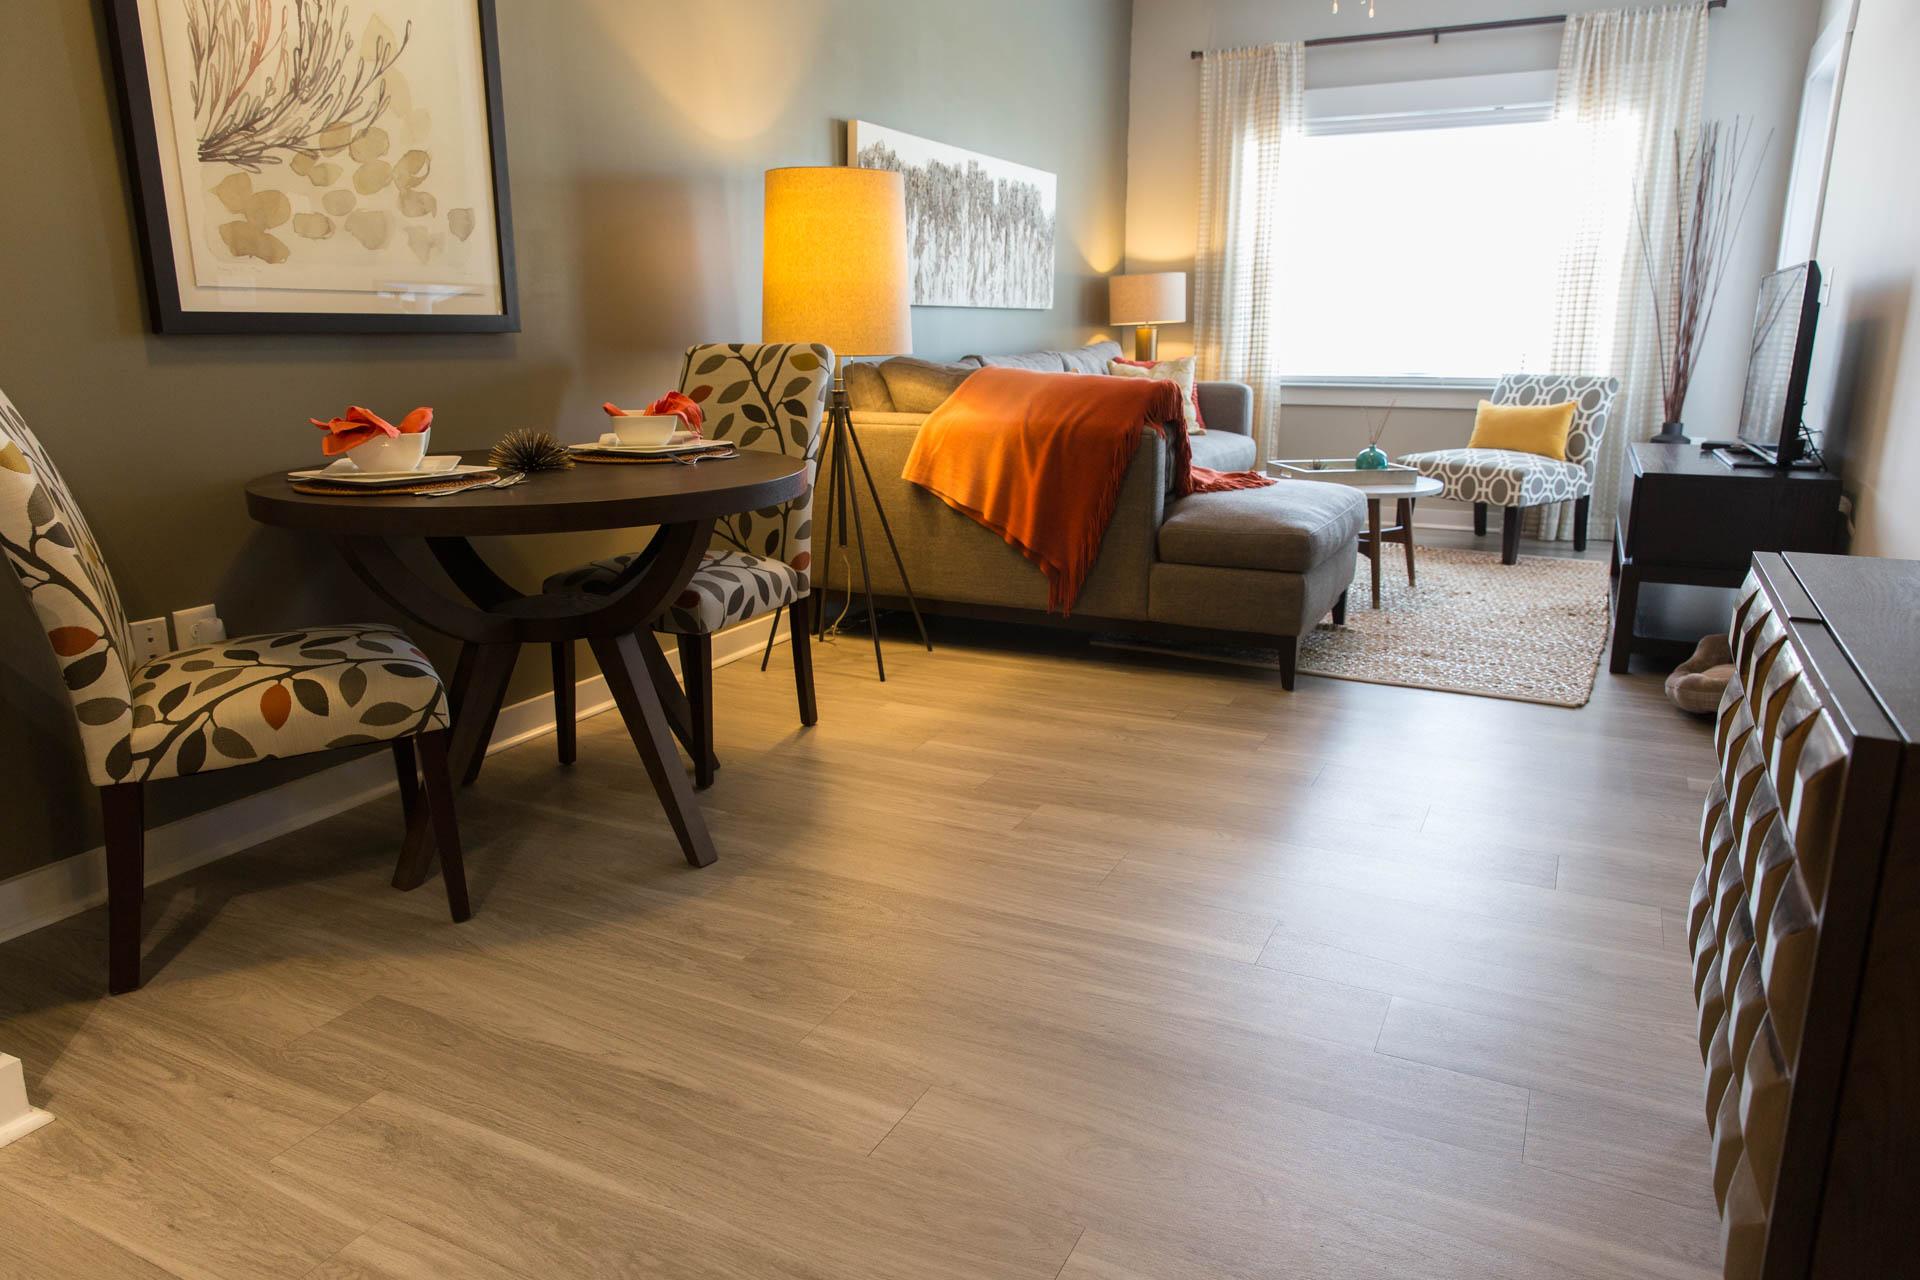 Flooring Installer for New Construction